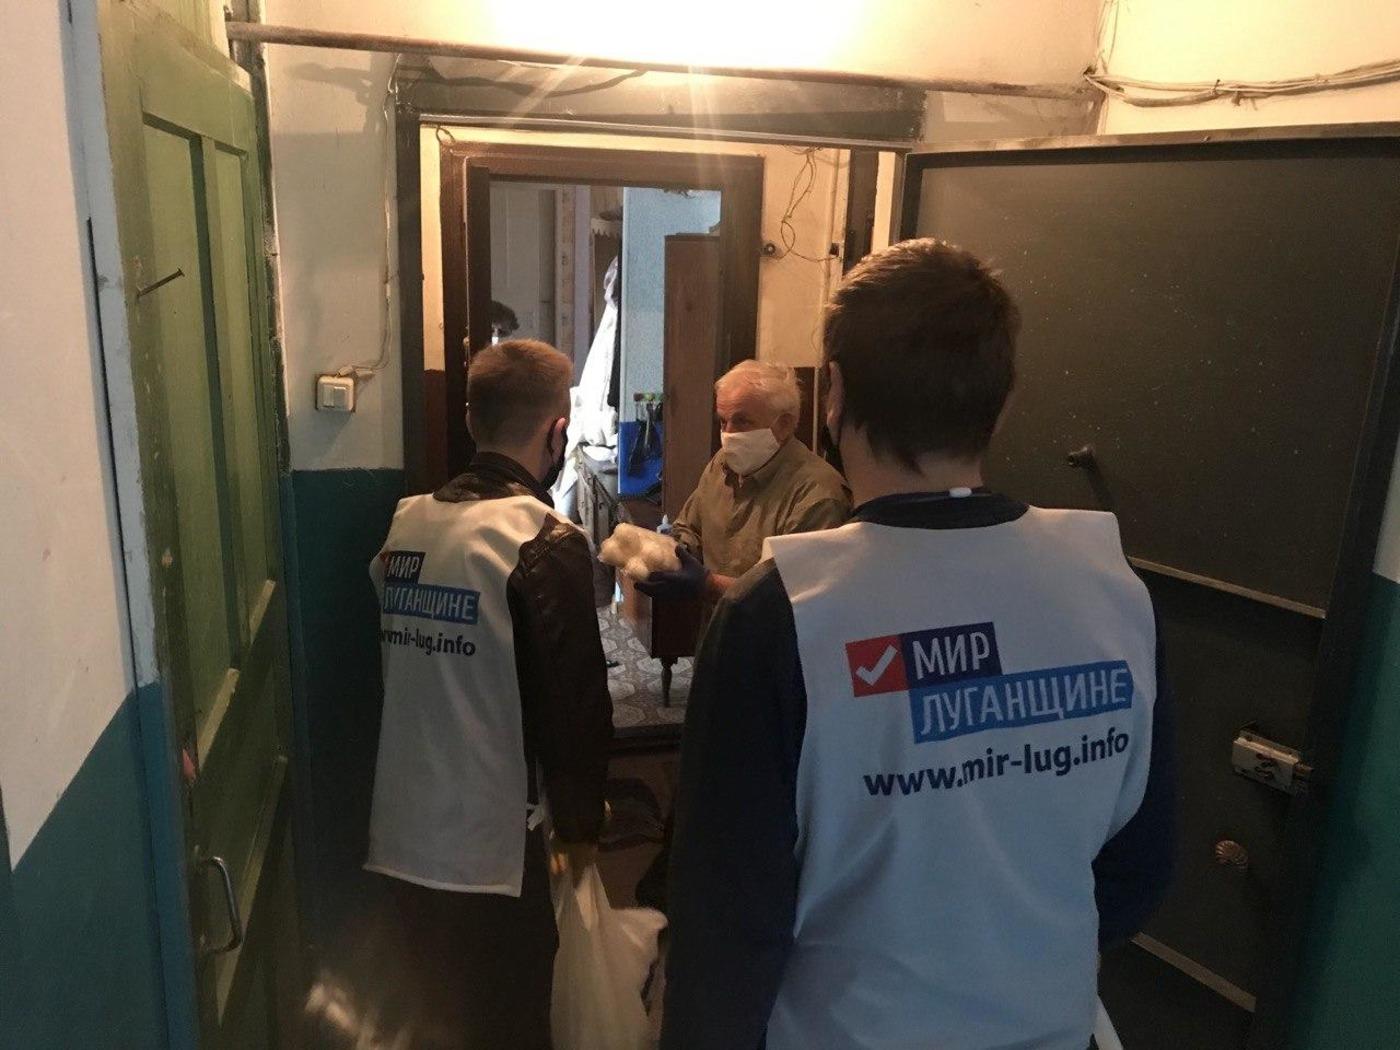 За два дня активисты ОД «Мир Луганщине»помогли26 жителям Луганска 1